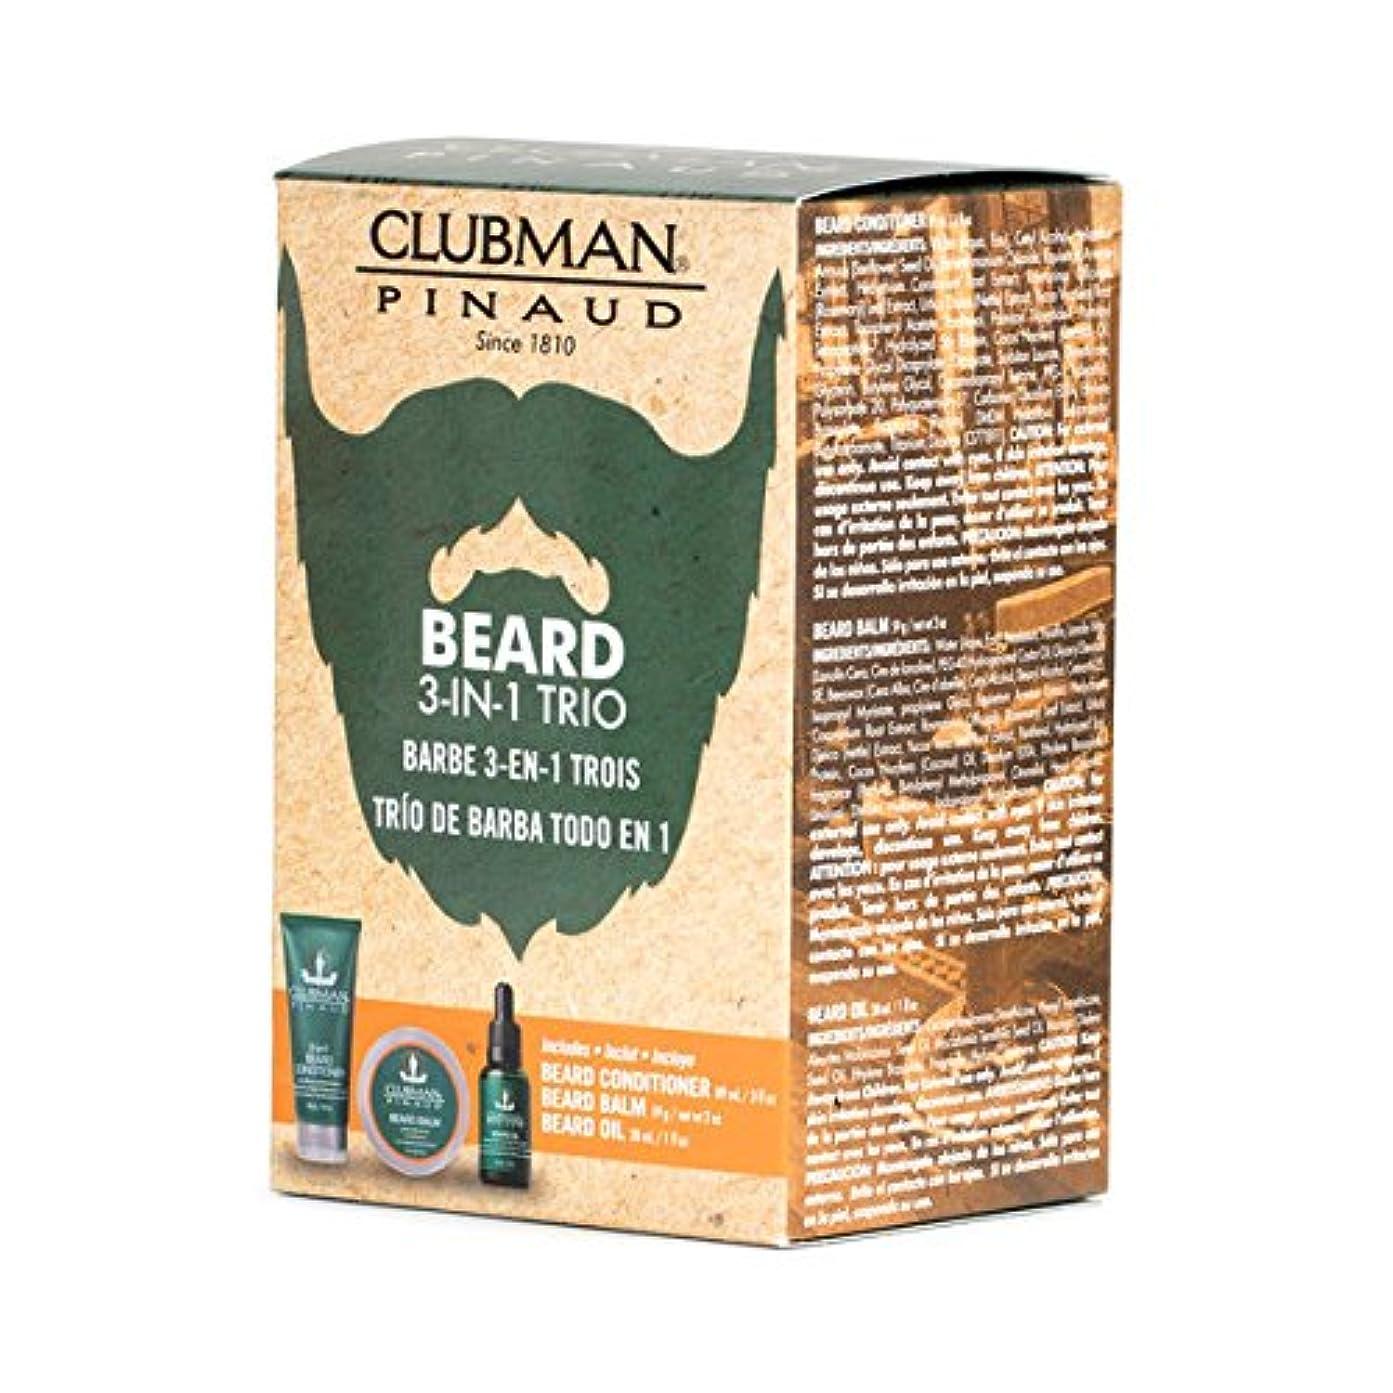 メアリアンジョーンズ広範囲に非アクティブ(3 Pack) CLUBMAN Beard 3 in 1 Trio - Beard Balm, Oil and 2 in 1 Conditioner (並行輸入品)